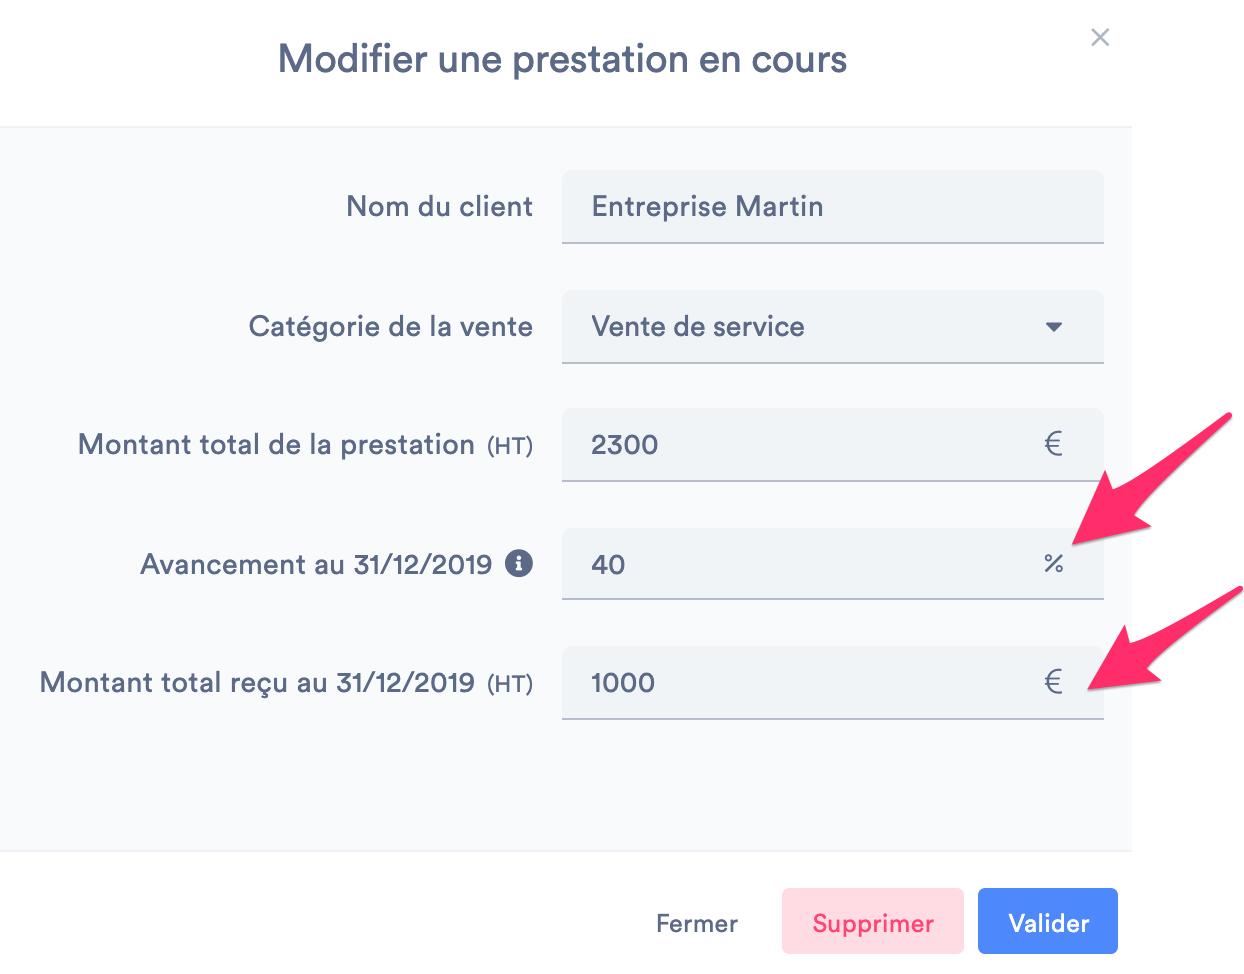 indy_prestations_en_cours4